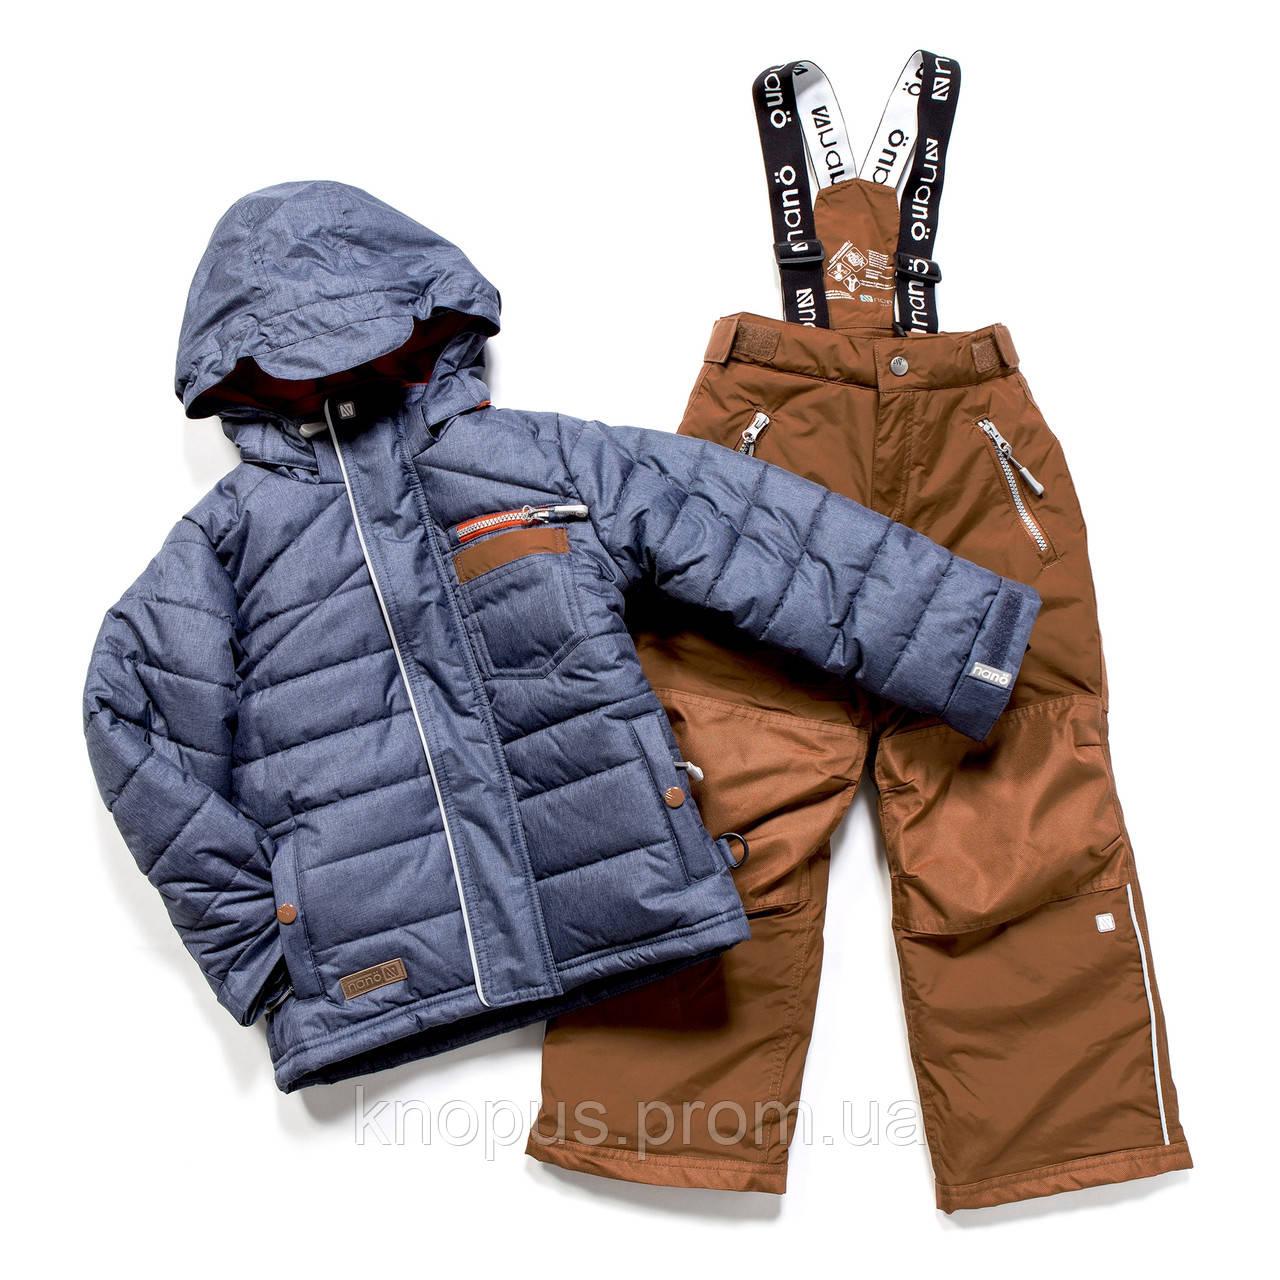 Зимний термокомплектдля мальчика  LT Blue Mix / Dk Burn Rust, NANO, размеры 98-146, на рост 90-150 см